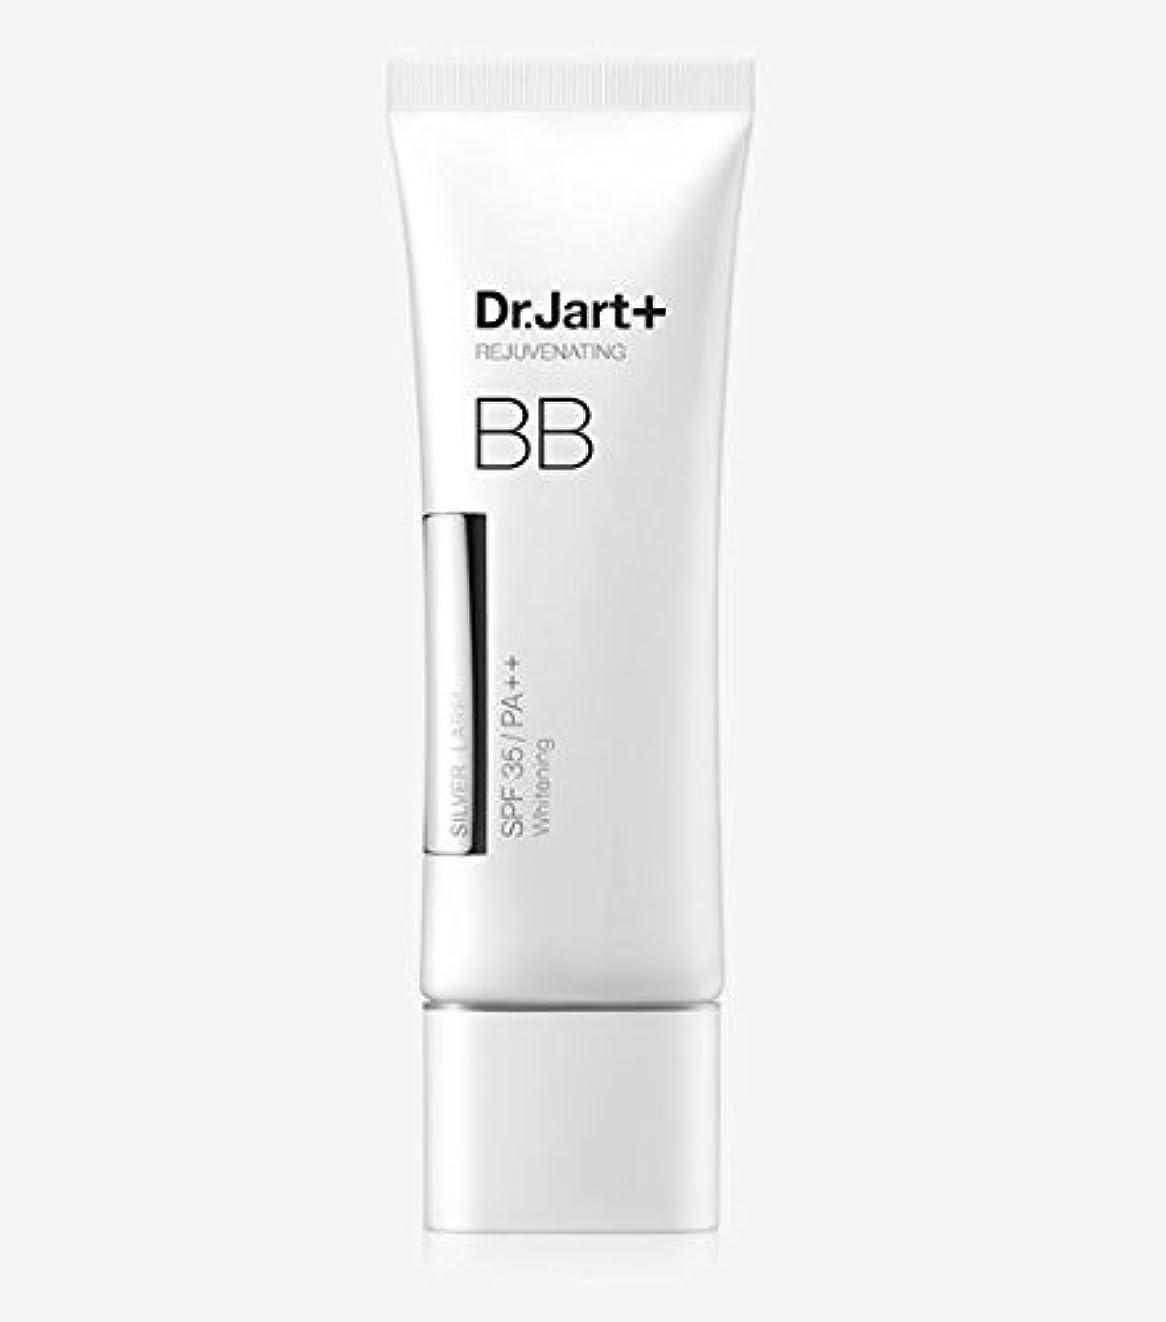 賛辞違反微生物[Dr. Jart] Silver Label BB Rejuvenating Beauty Balm 50ml SPF35 PA++/[ドクタージャルト] シルバーラベル BB リジュビネイティング ビューティー バーム 50ml SPF35 PA++ [並行輸入品]